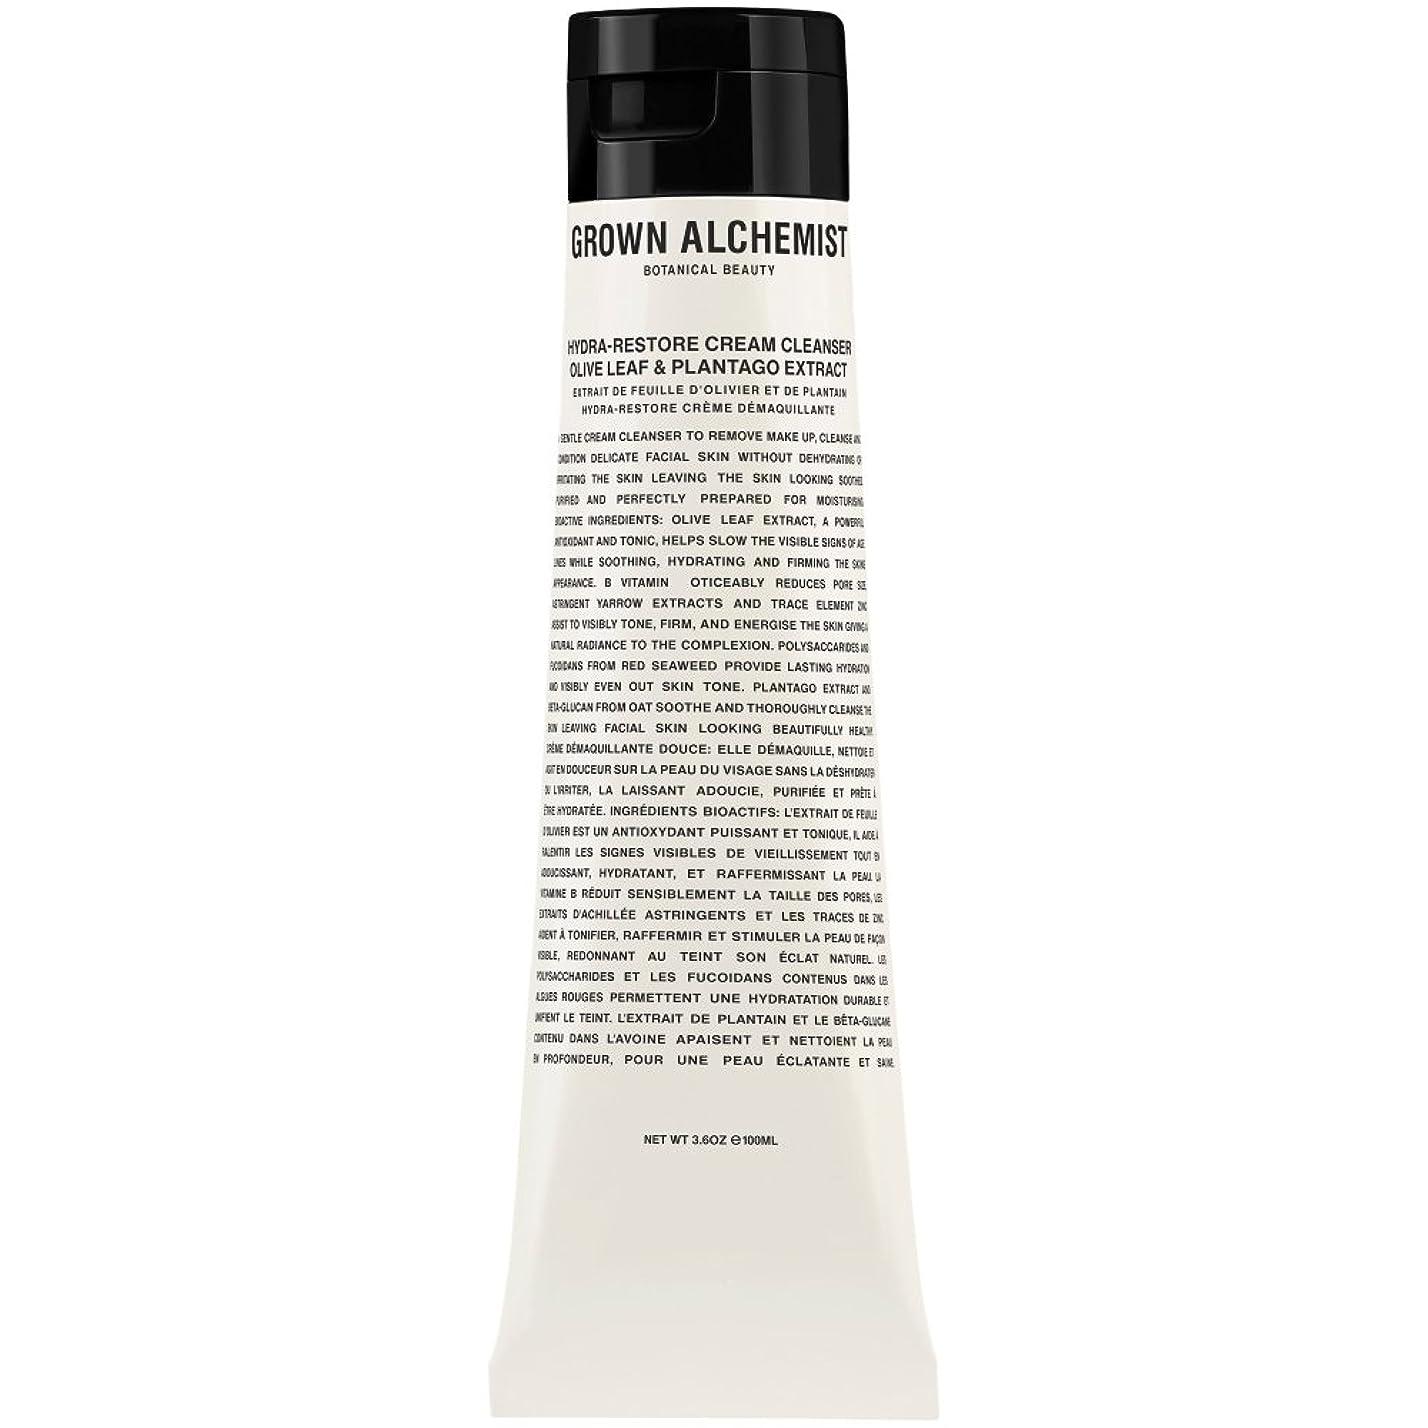 間違っている気分が良い道徳教育オリーブの葉&Plantogoエキス、100ミリリットル:成長した錬金術師クリームクレンザーをヒドラ復元 (Grown Alchemist) (x2) - Grown Alchemist Hydra-Restore Cream Cleanser: Olive Leaf & Plantogo Extract, 100ml (Pack of 2) [並行輸入品]